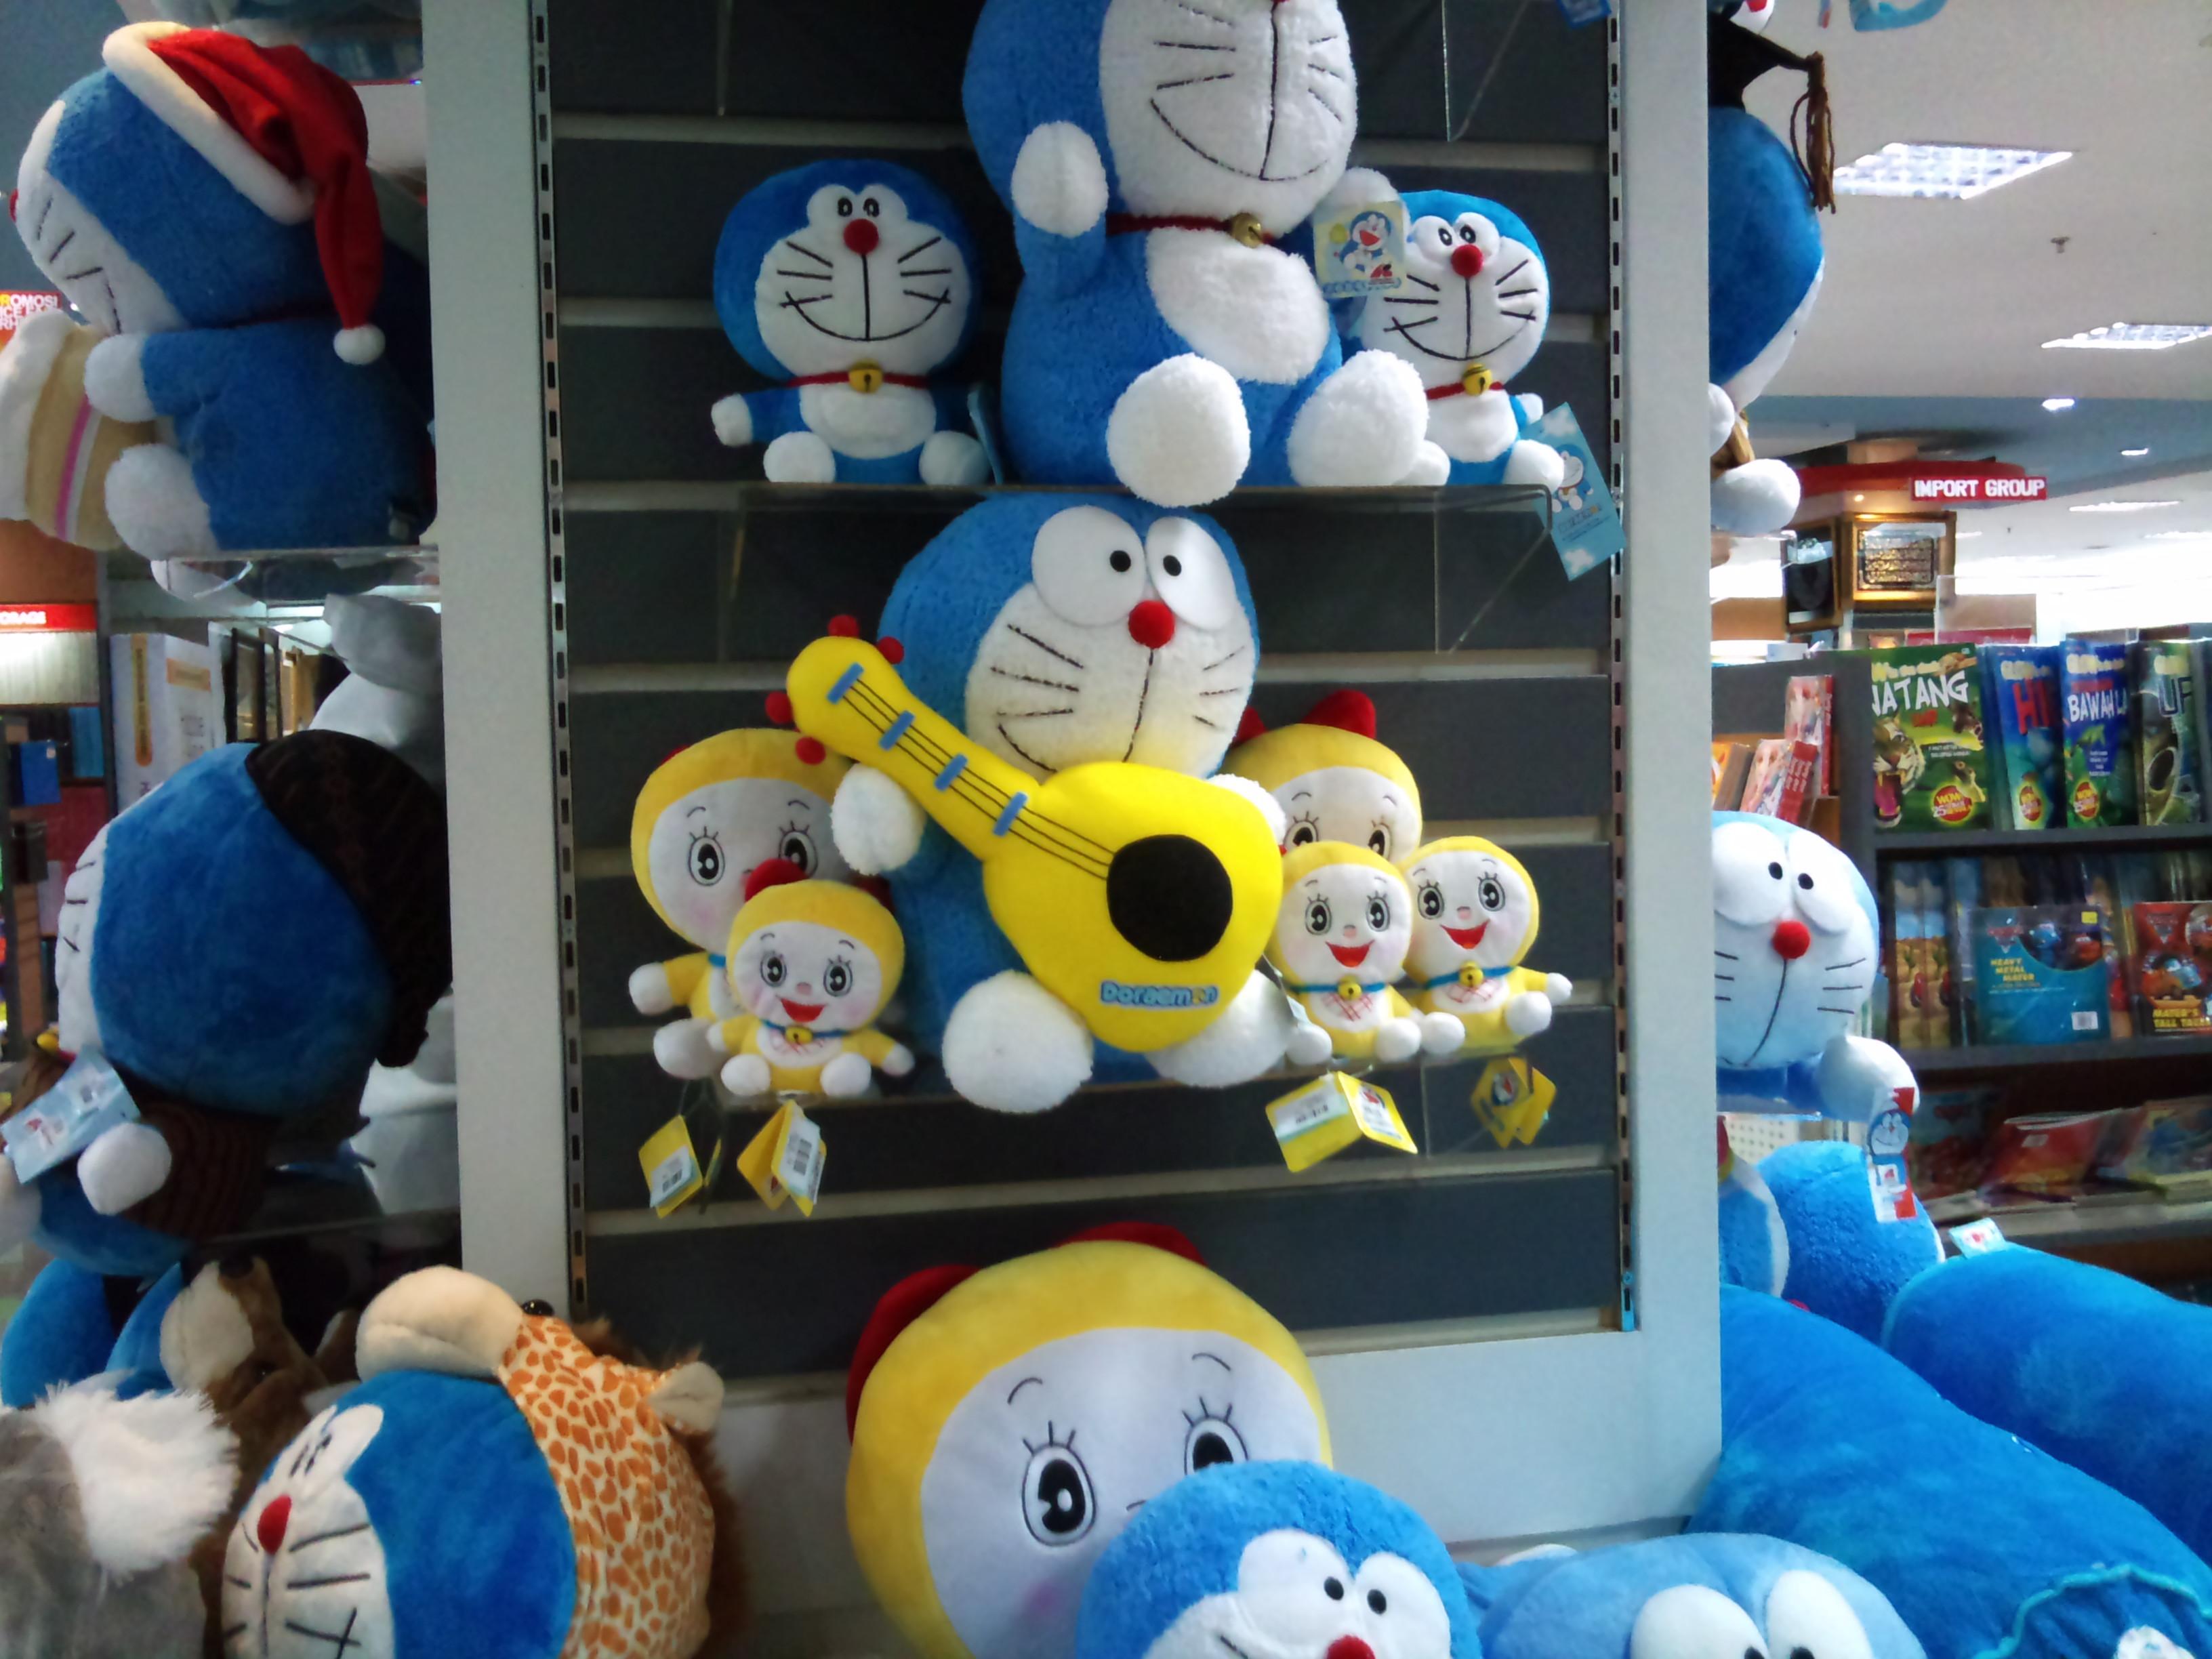 Doraemon Jadi Boneka Semangatisme